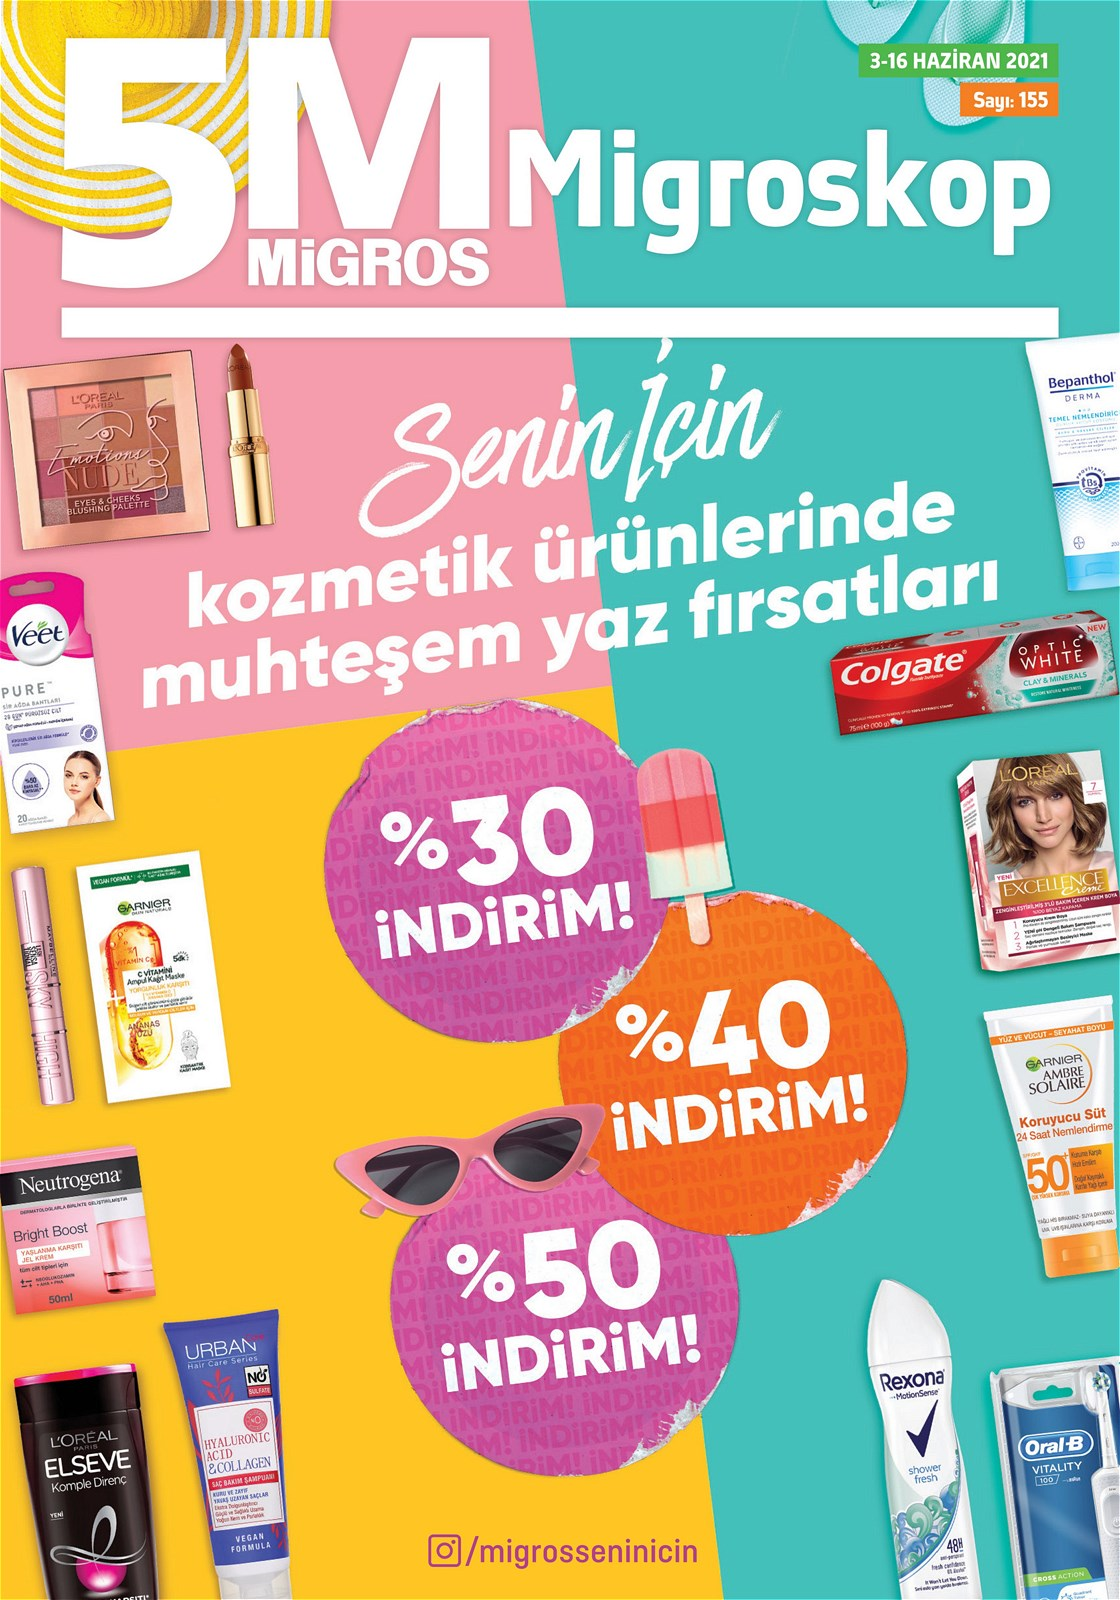 03.06.2021 Migros broşürü 1. sayfa